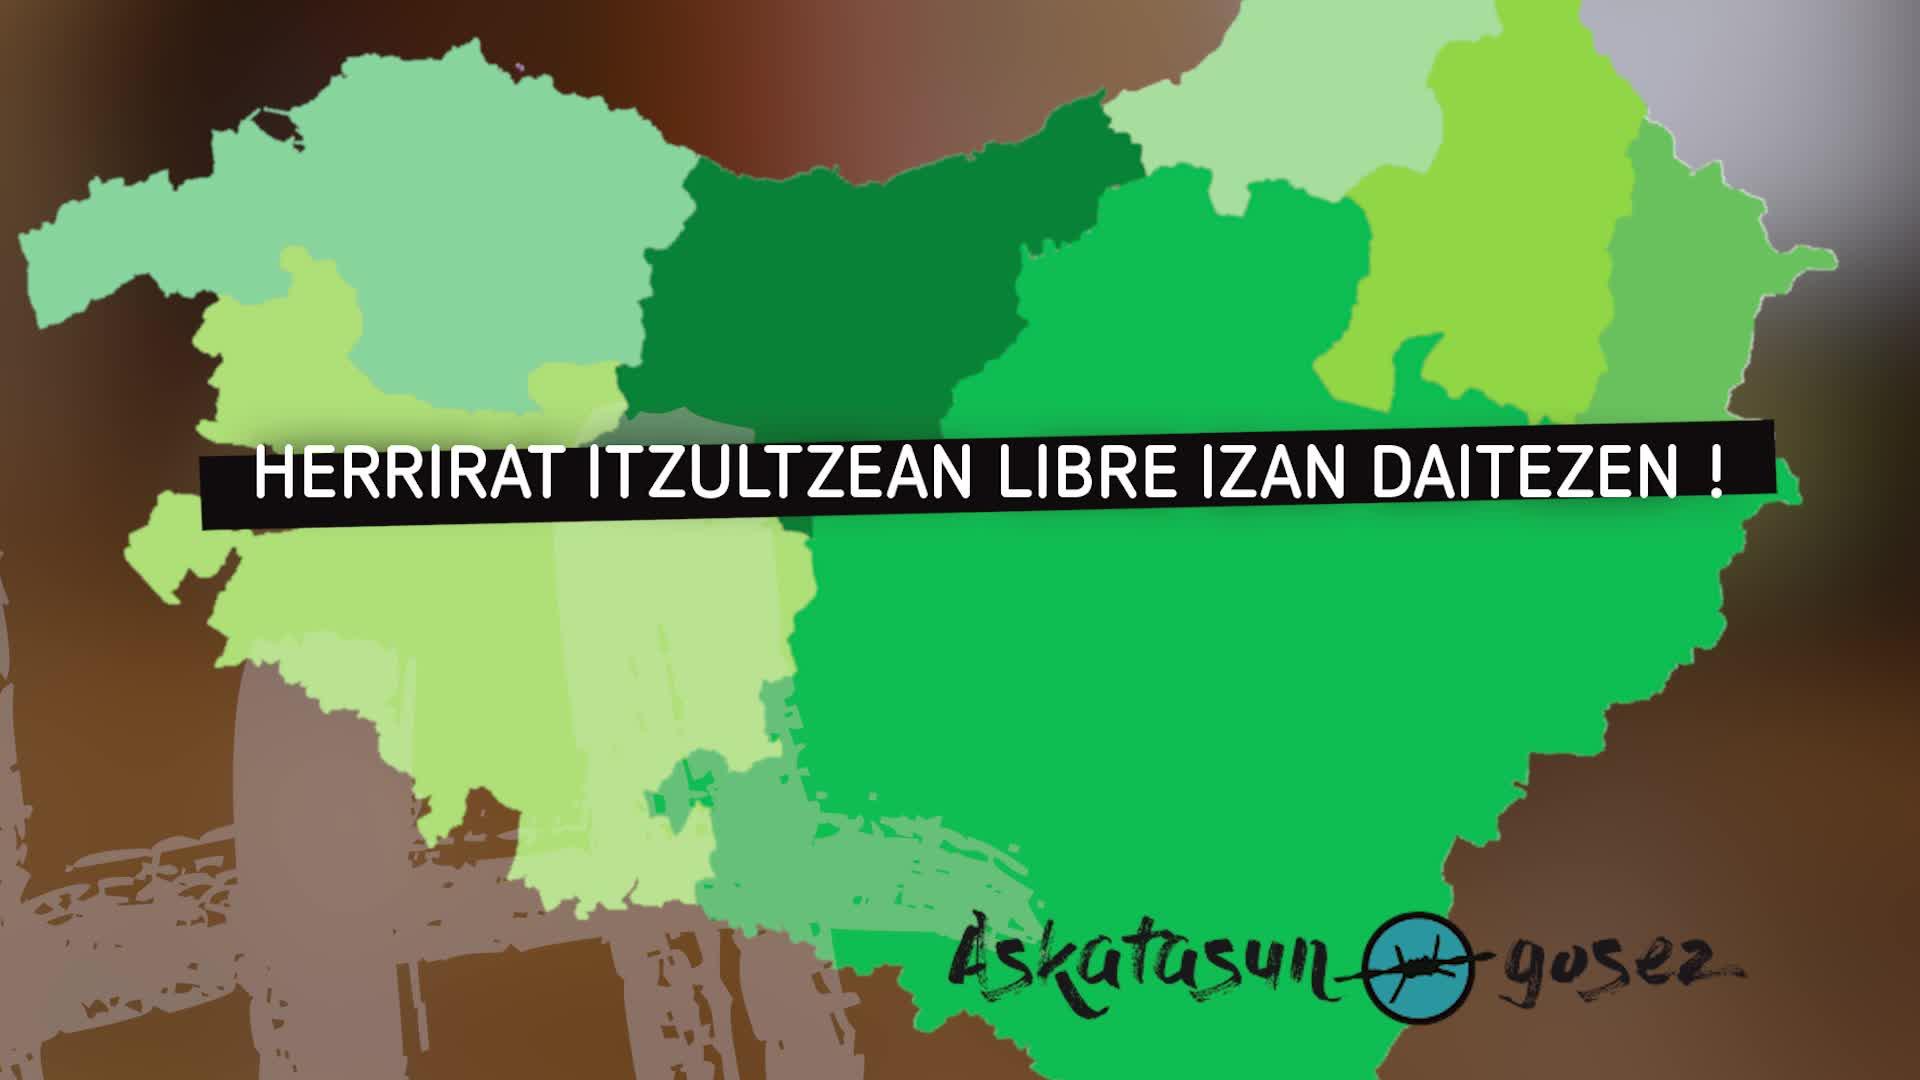 Askatasun Gosez: zazpi herrialde, saski bat!